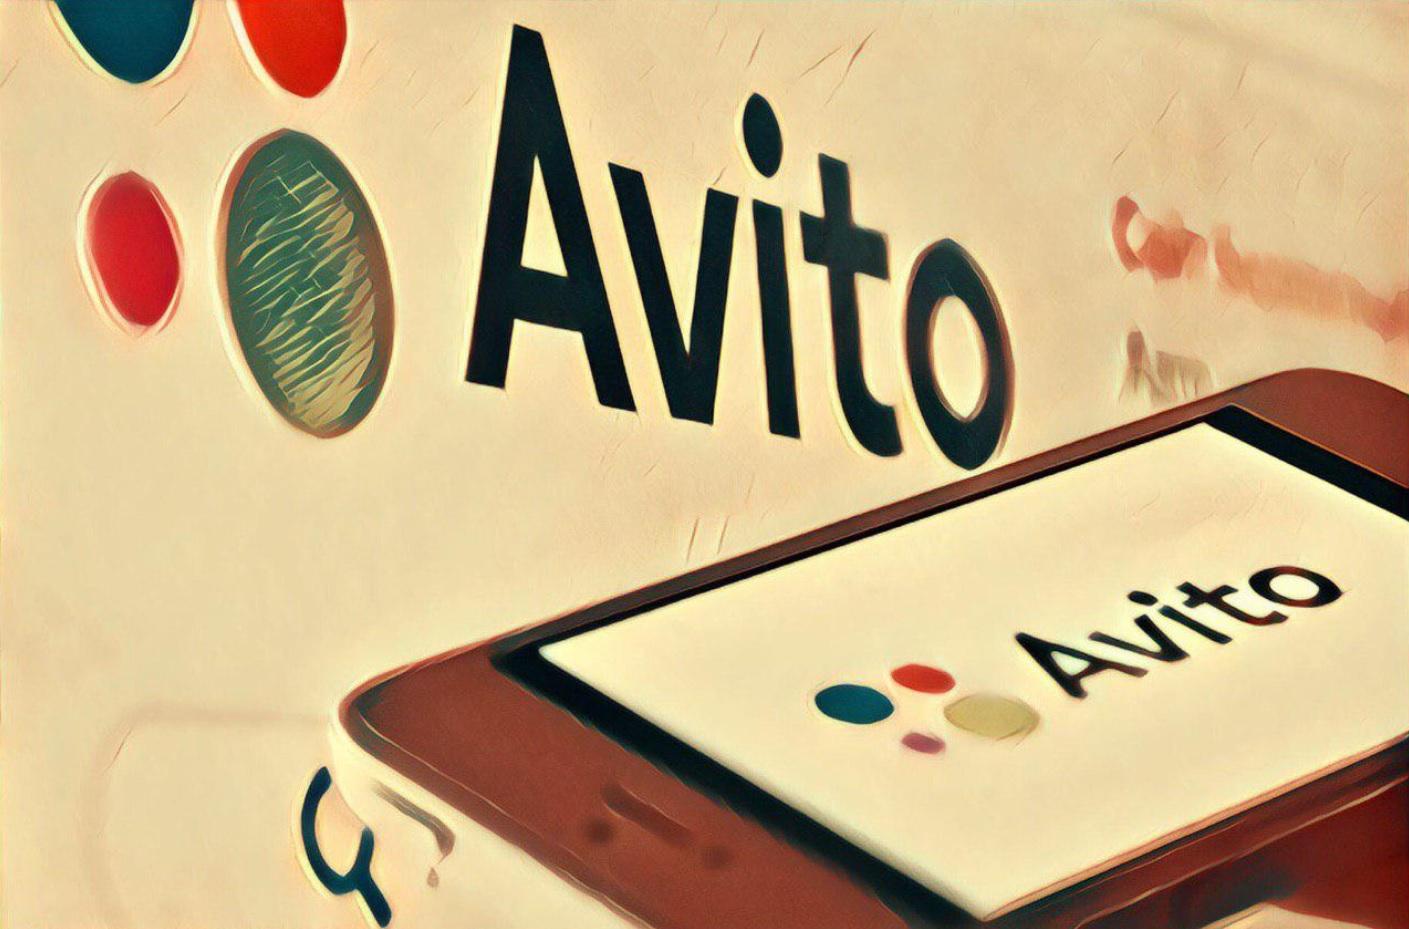 Андрей Рыбинцев, руководитель департамента аналитики Avitо: «Стараемся понять интересы каждого человека»